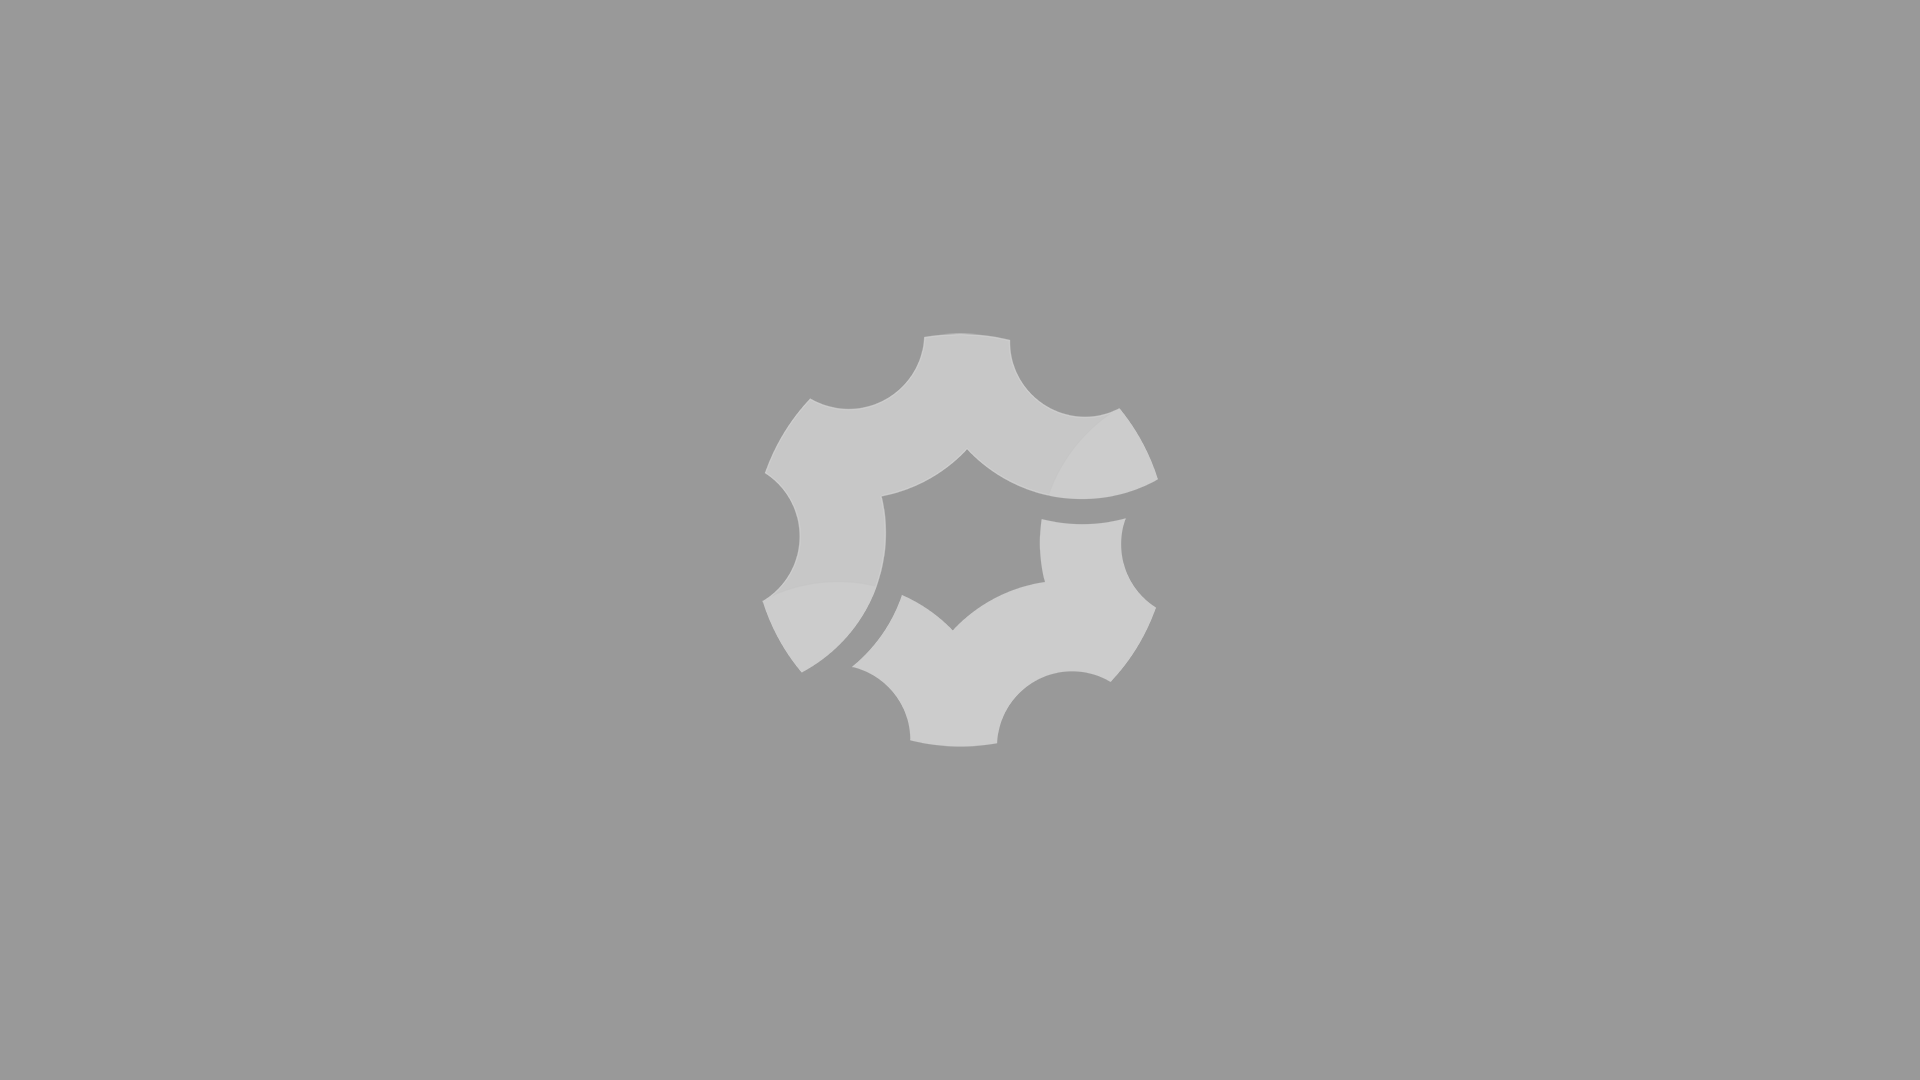 snowrunner_ksiva_p_d7b4f_2021-04-18_15_00_33.png